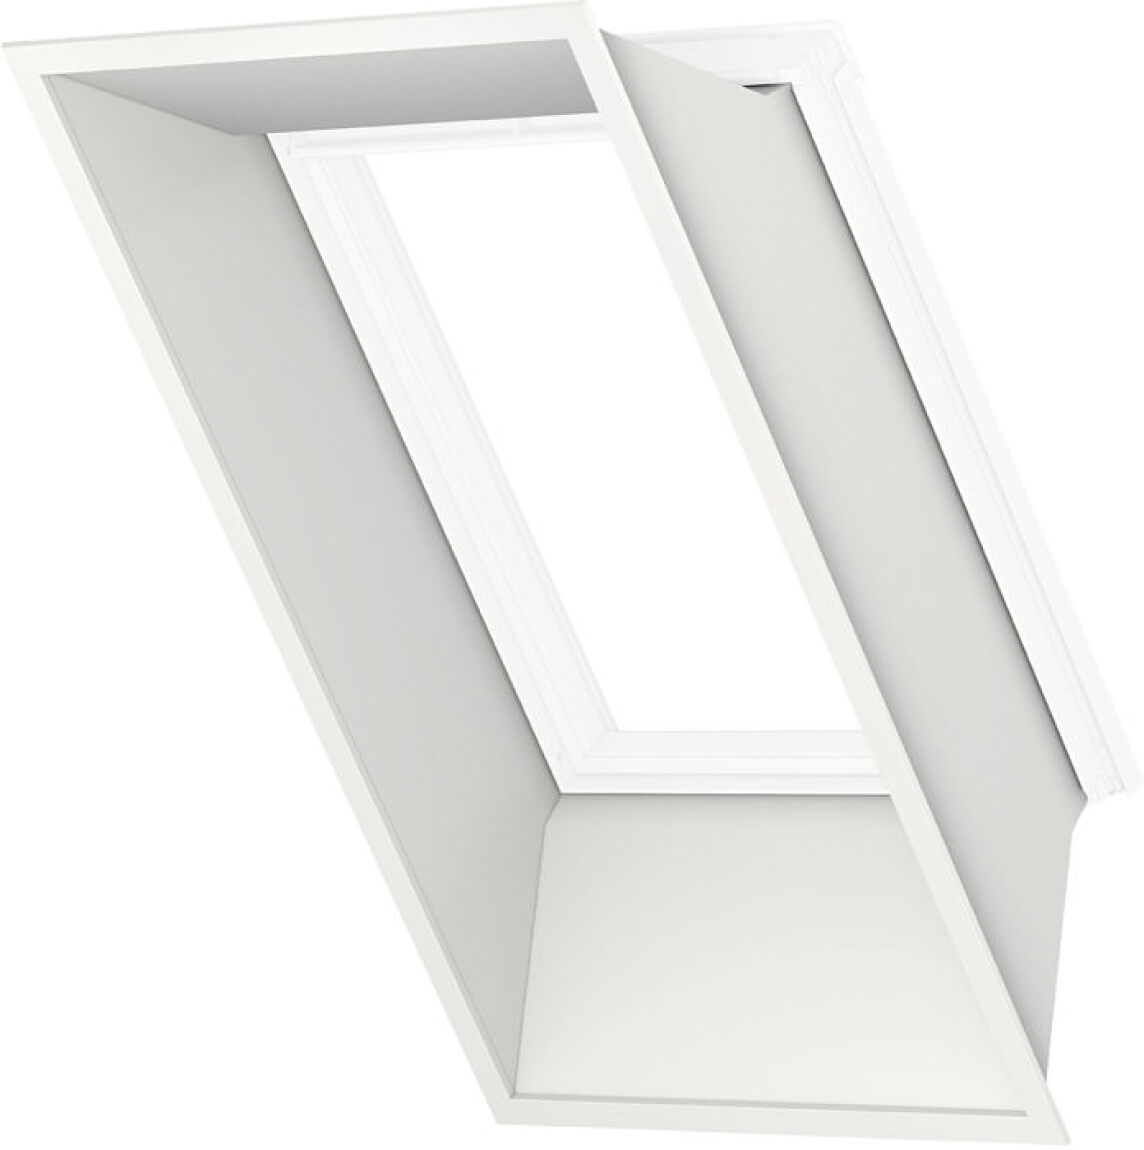 neue velux dachfenstergeneration im markt angekommen. Black Bedroom Furniture Sets. Home Design Ideas